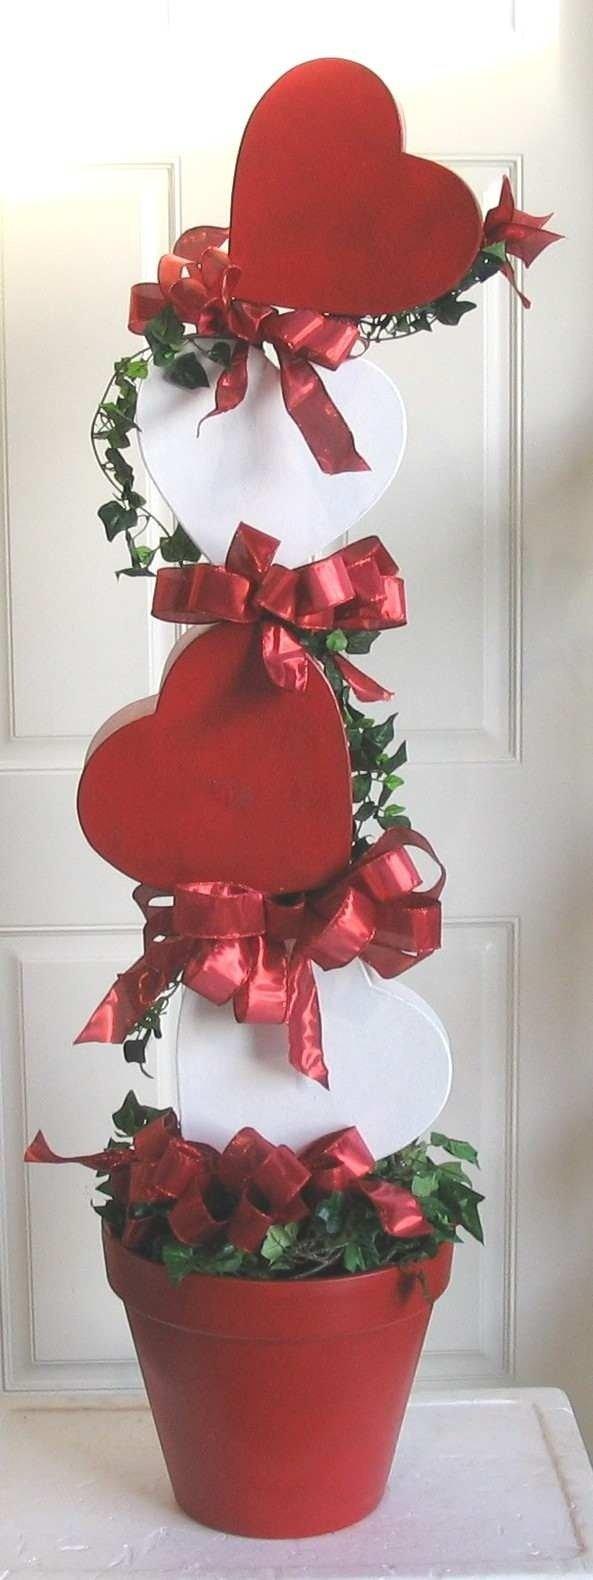 red,flower,pink,plant,flower arranging,